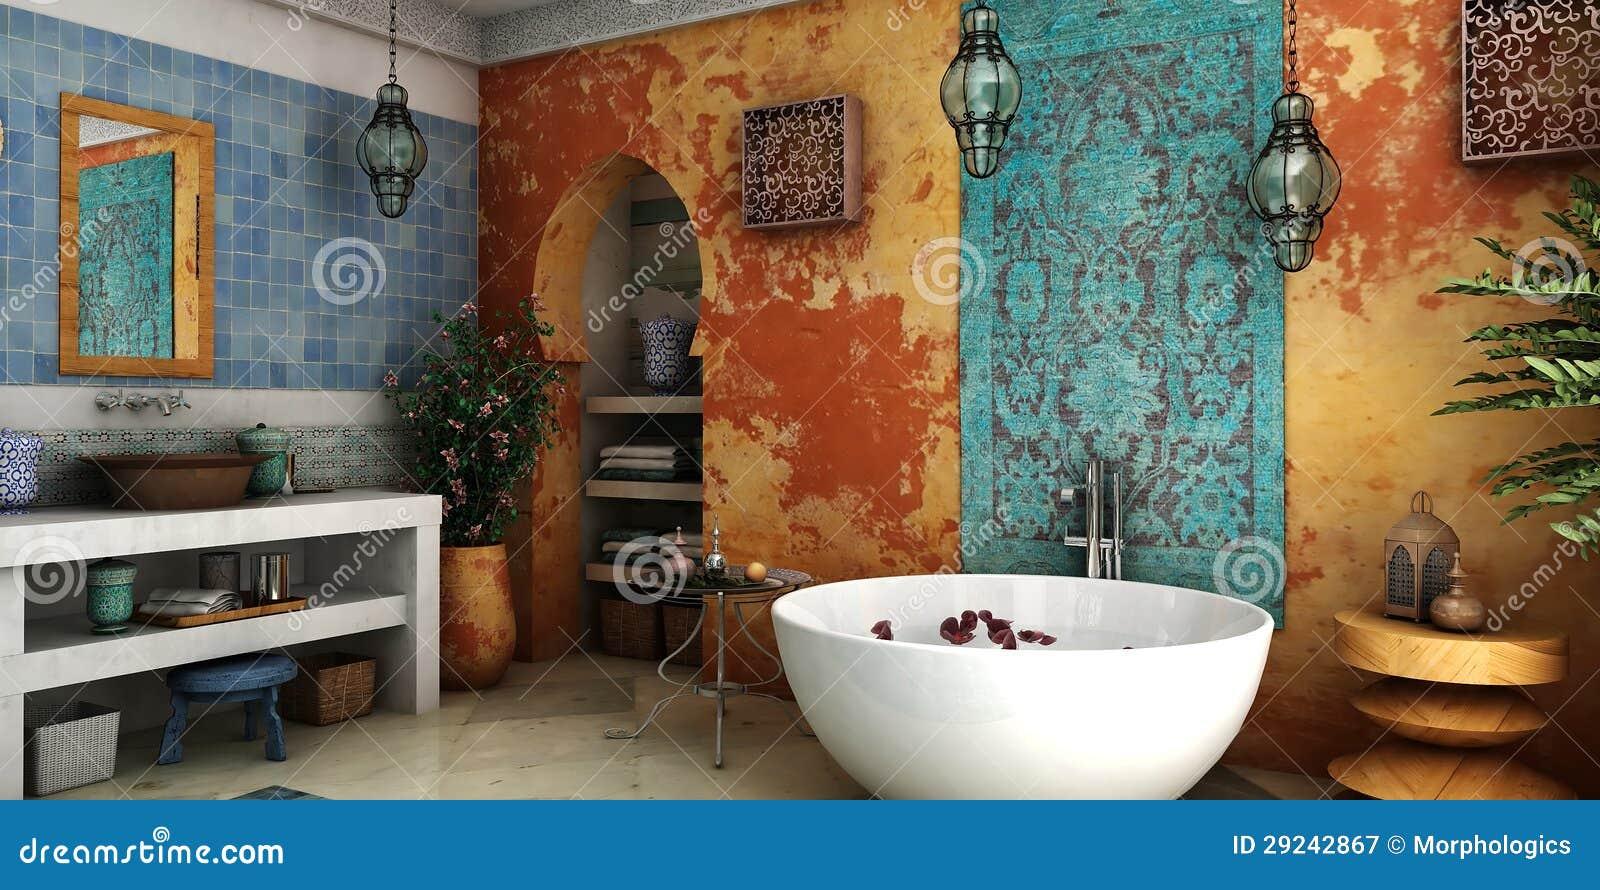 Download Banheiro do vintage ilustração stock. Ilustração de grunge - 29242867